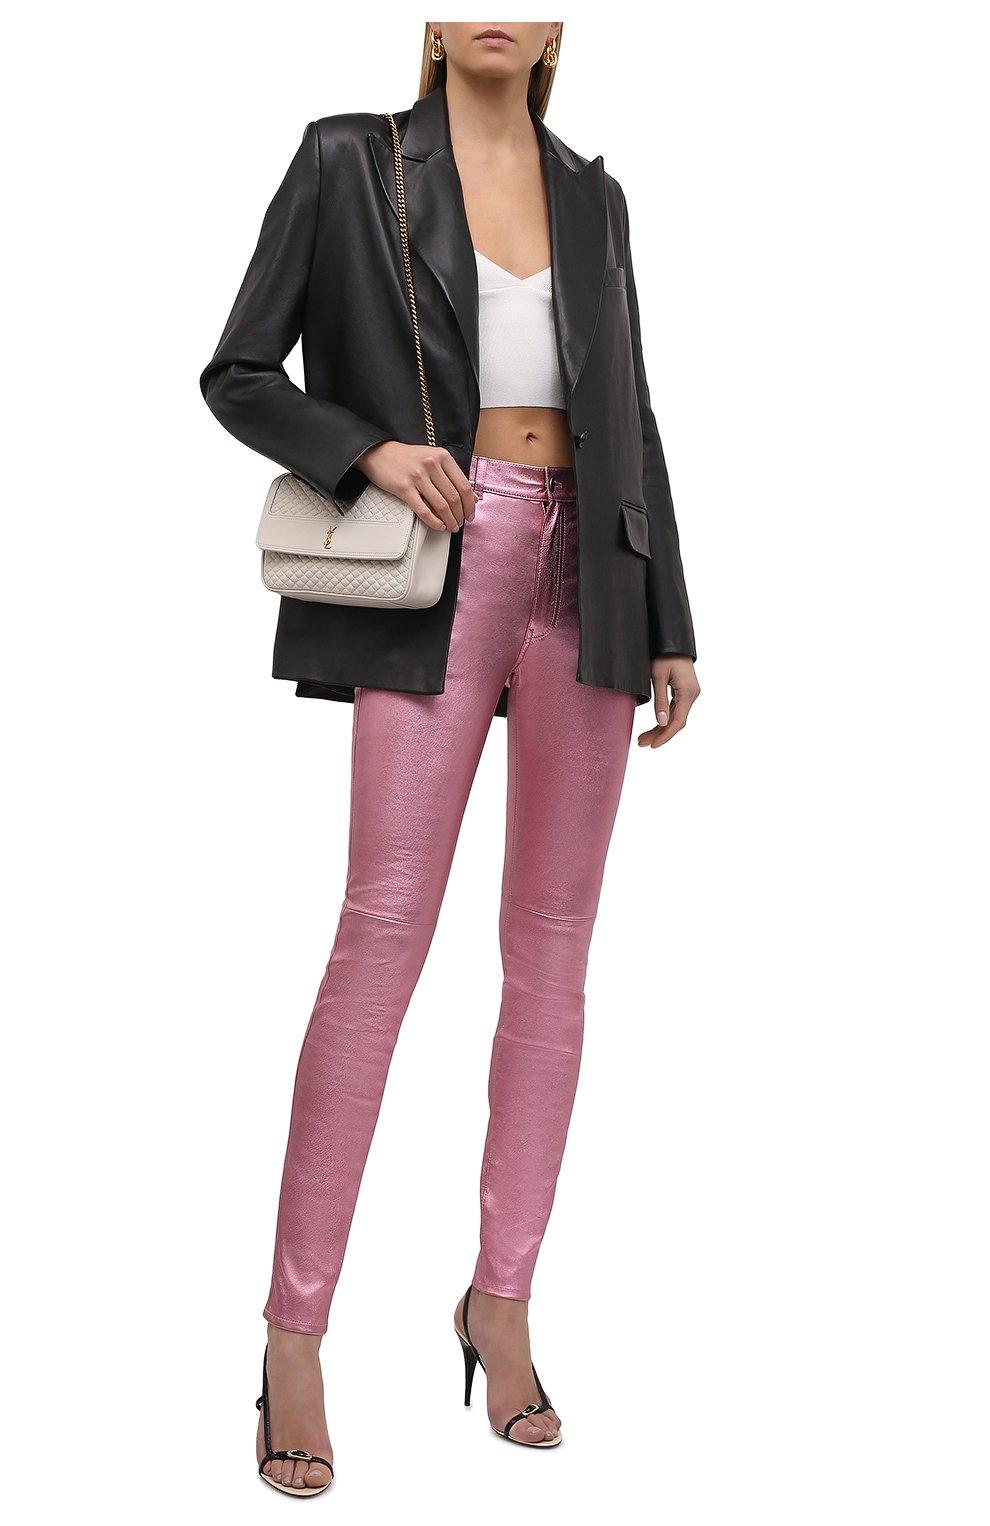 Женские кожаные брюки SAINT LAURENT розового цвета, арт. 619744/YC2XG   Фото 2 (Стили: Гламурный; Длина (брюки, джинсы): Стандартные; Женское Кросс-КТ: Брюки-одежда, Кожаные брюки; Силуэт Ж (брюки и джинсы): Узкие; Материал подклада: Хлопок)